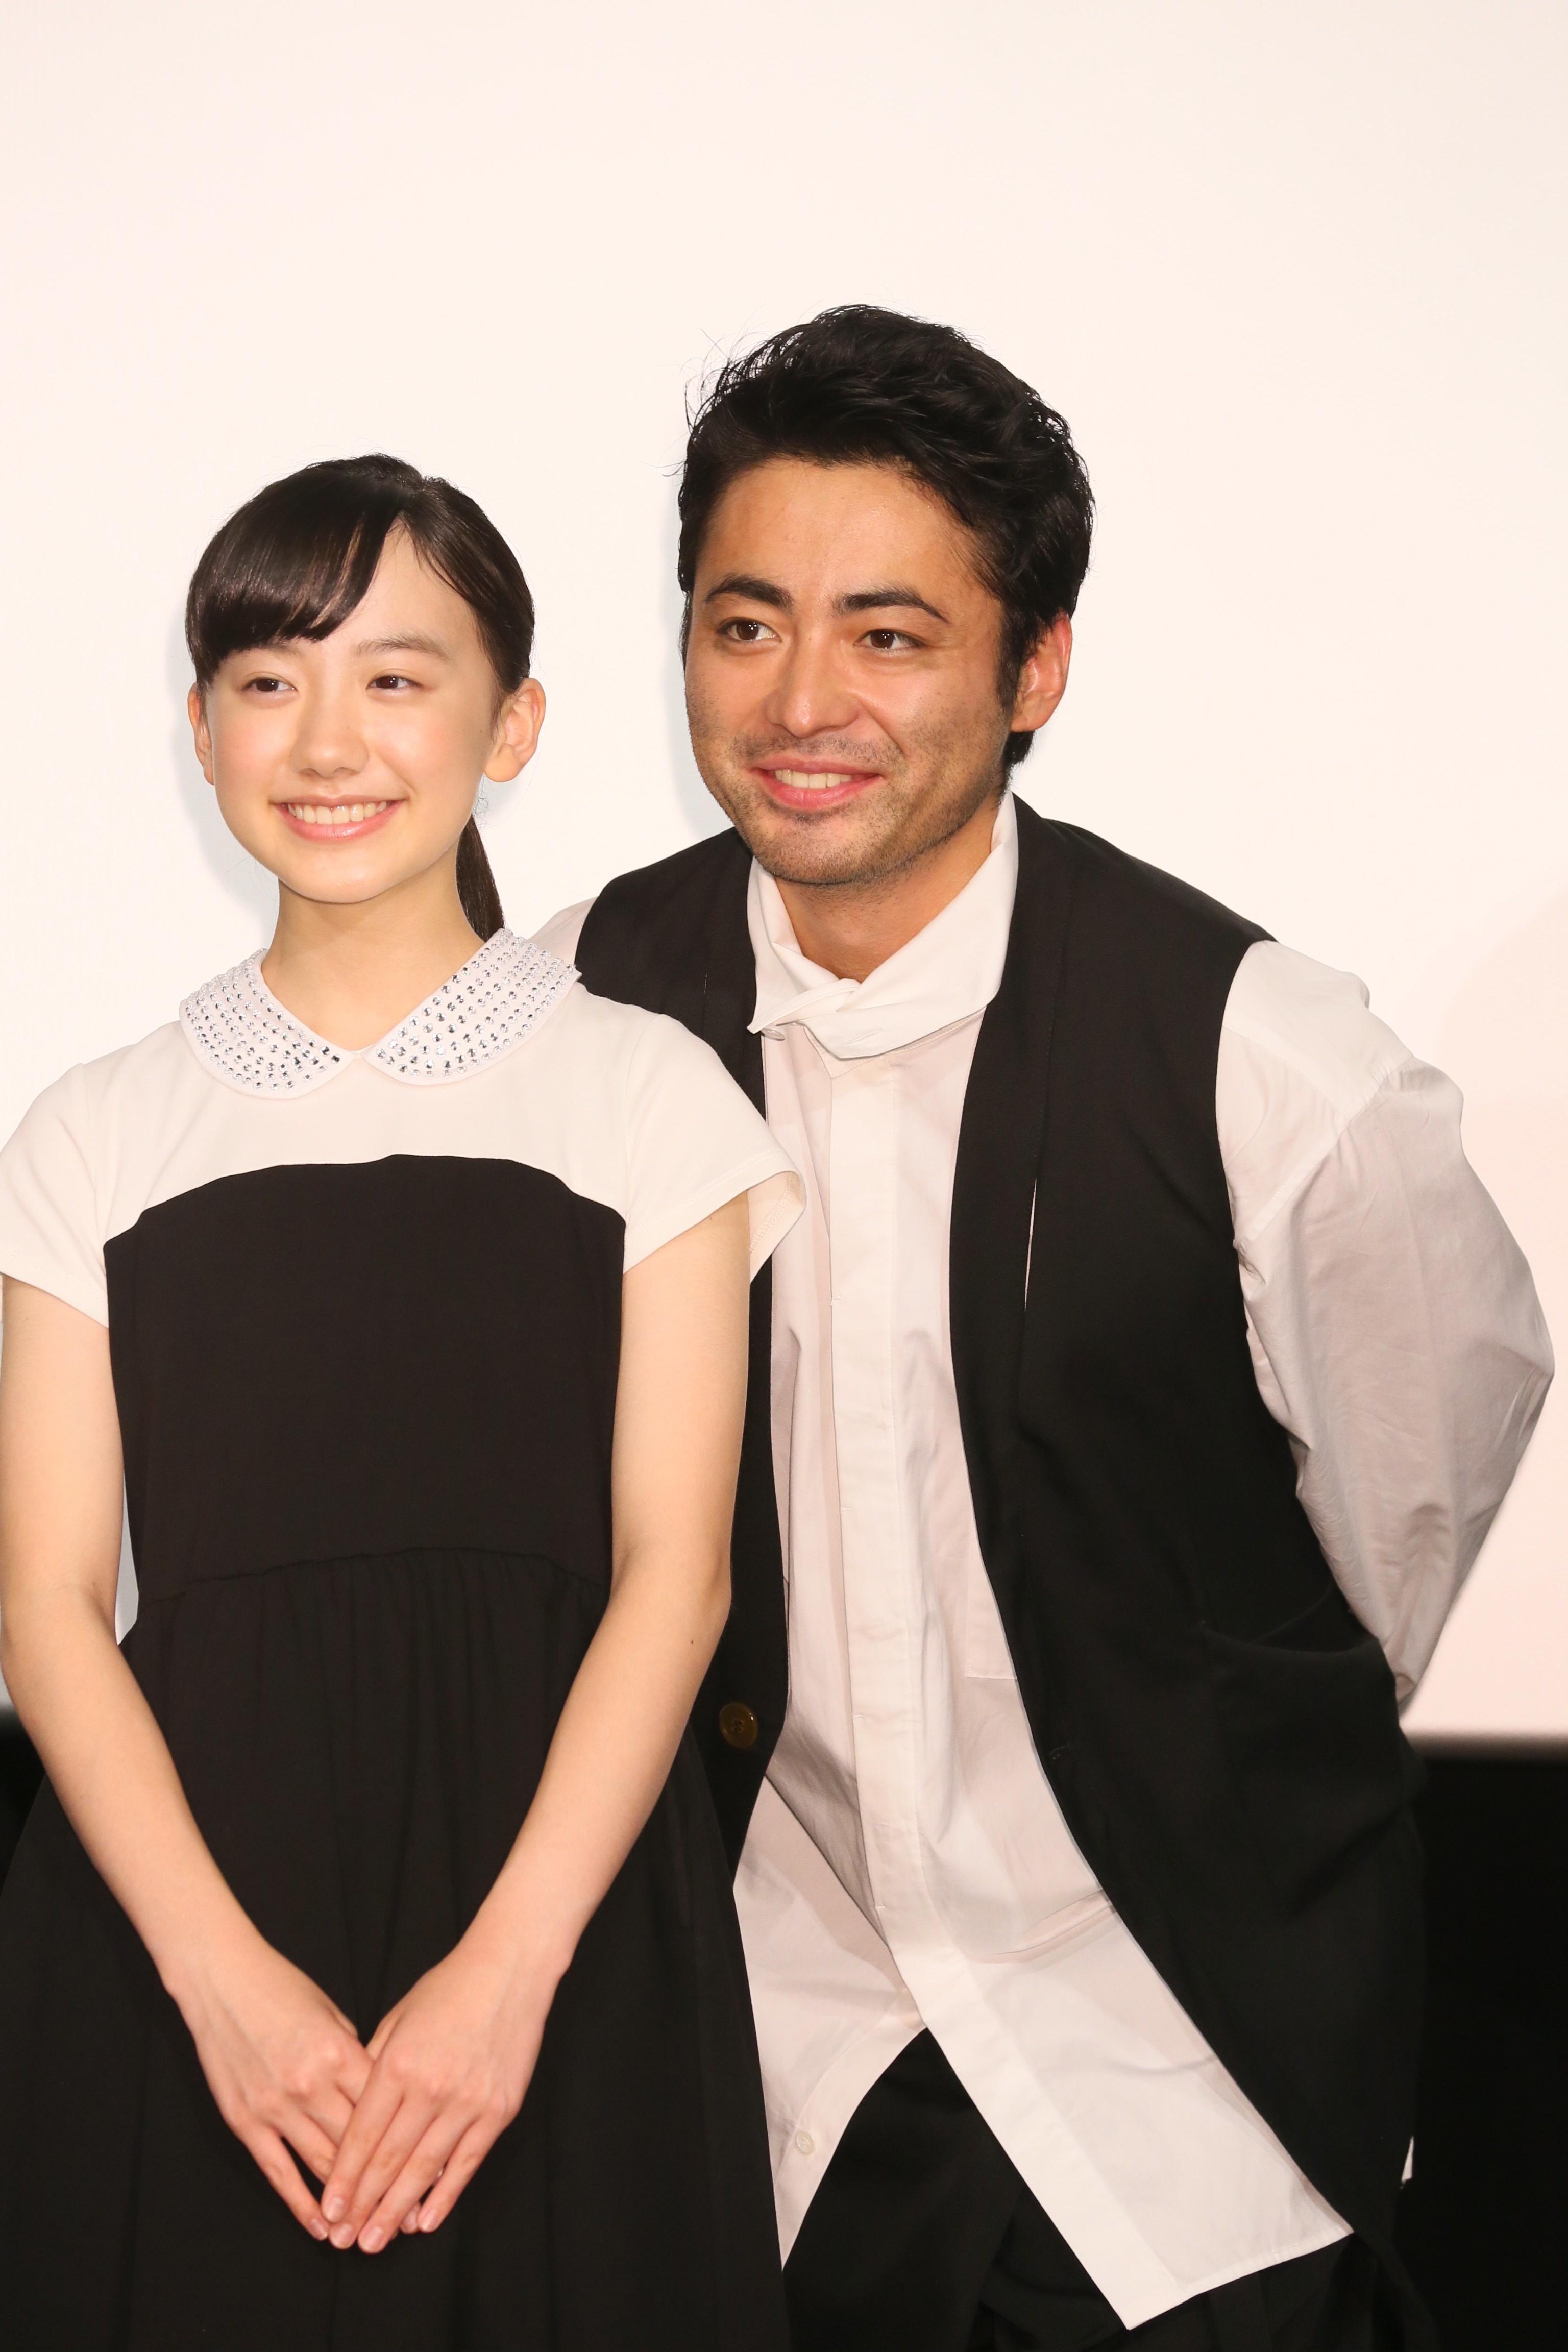 左から、芦田愛菜、山田孝之 『映画 山田孝之3D』初日舞台あいさつ